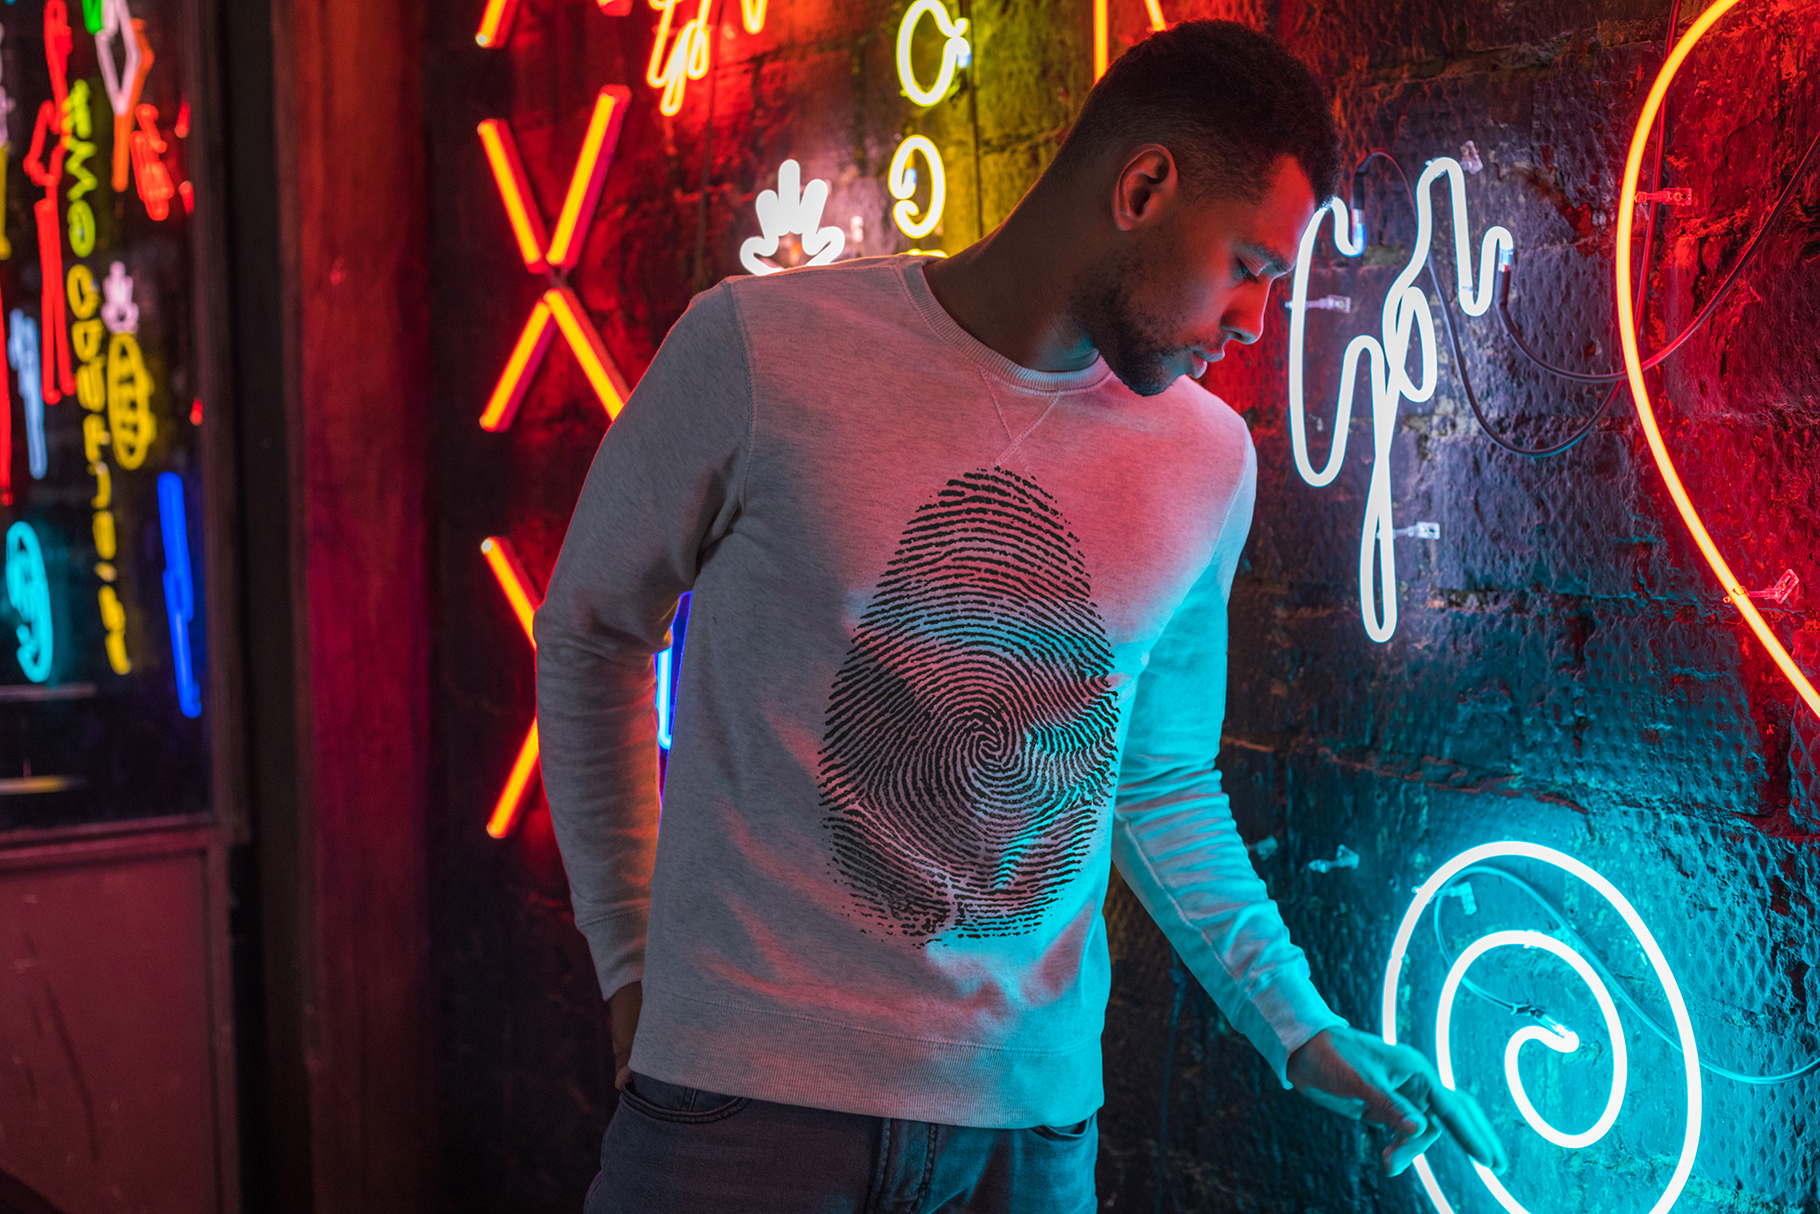 Sweatshirt Mock-Up 2018 #33 example image 13